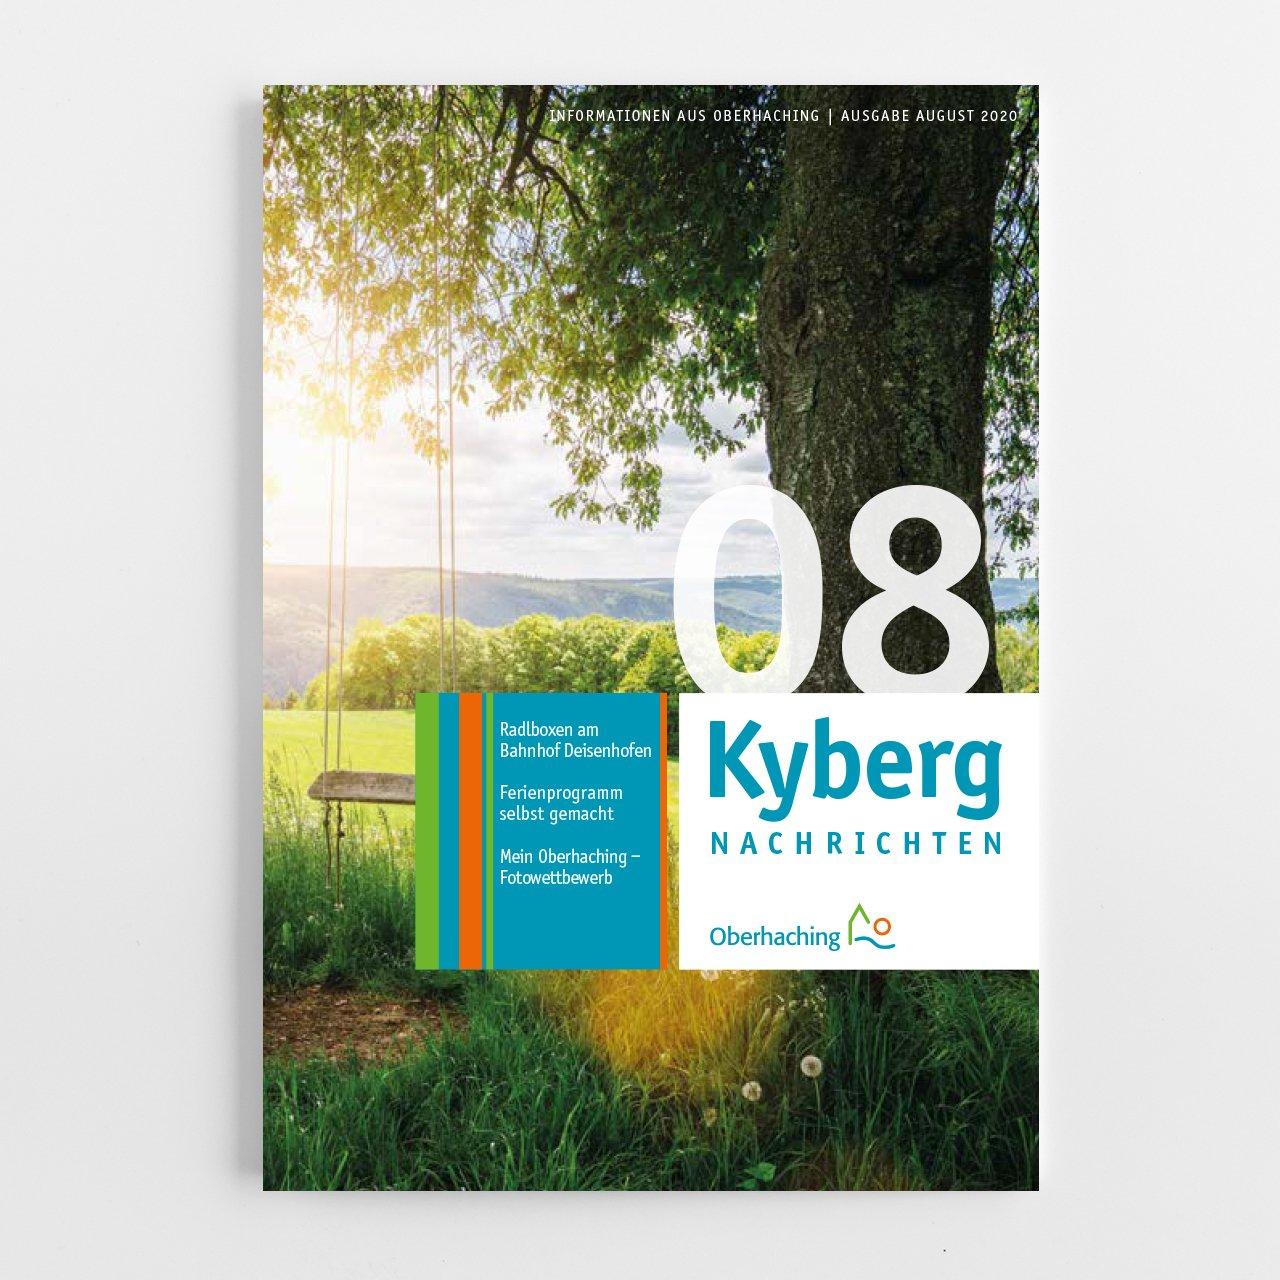 Kybergnachrichten_08/20